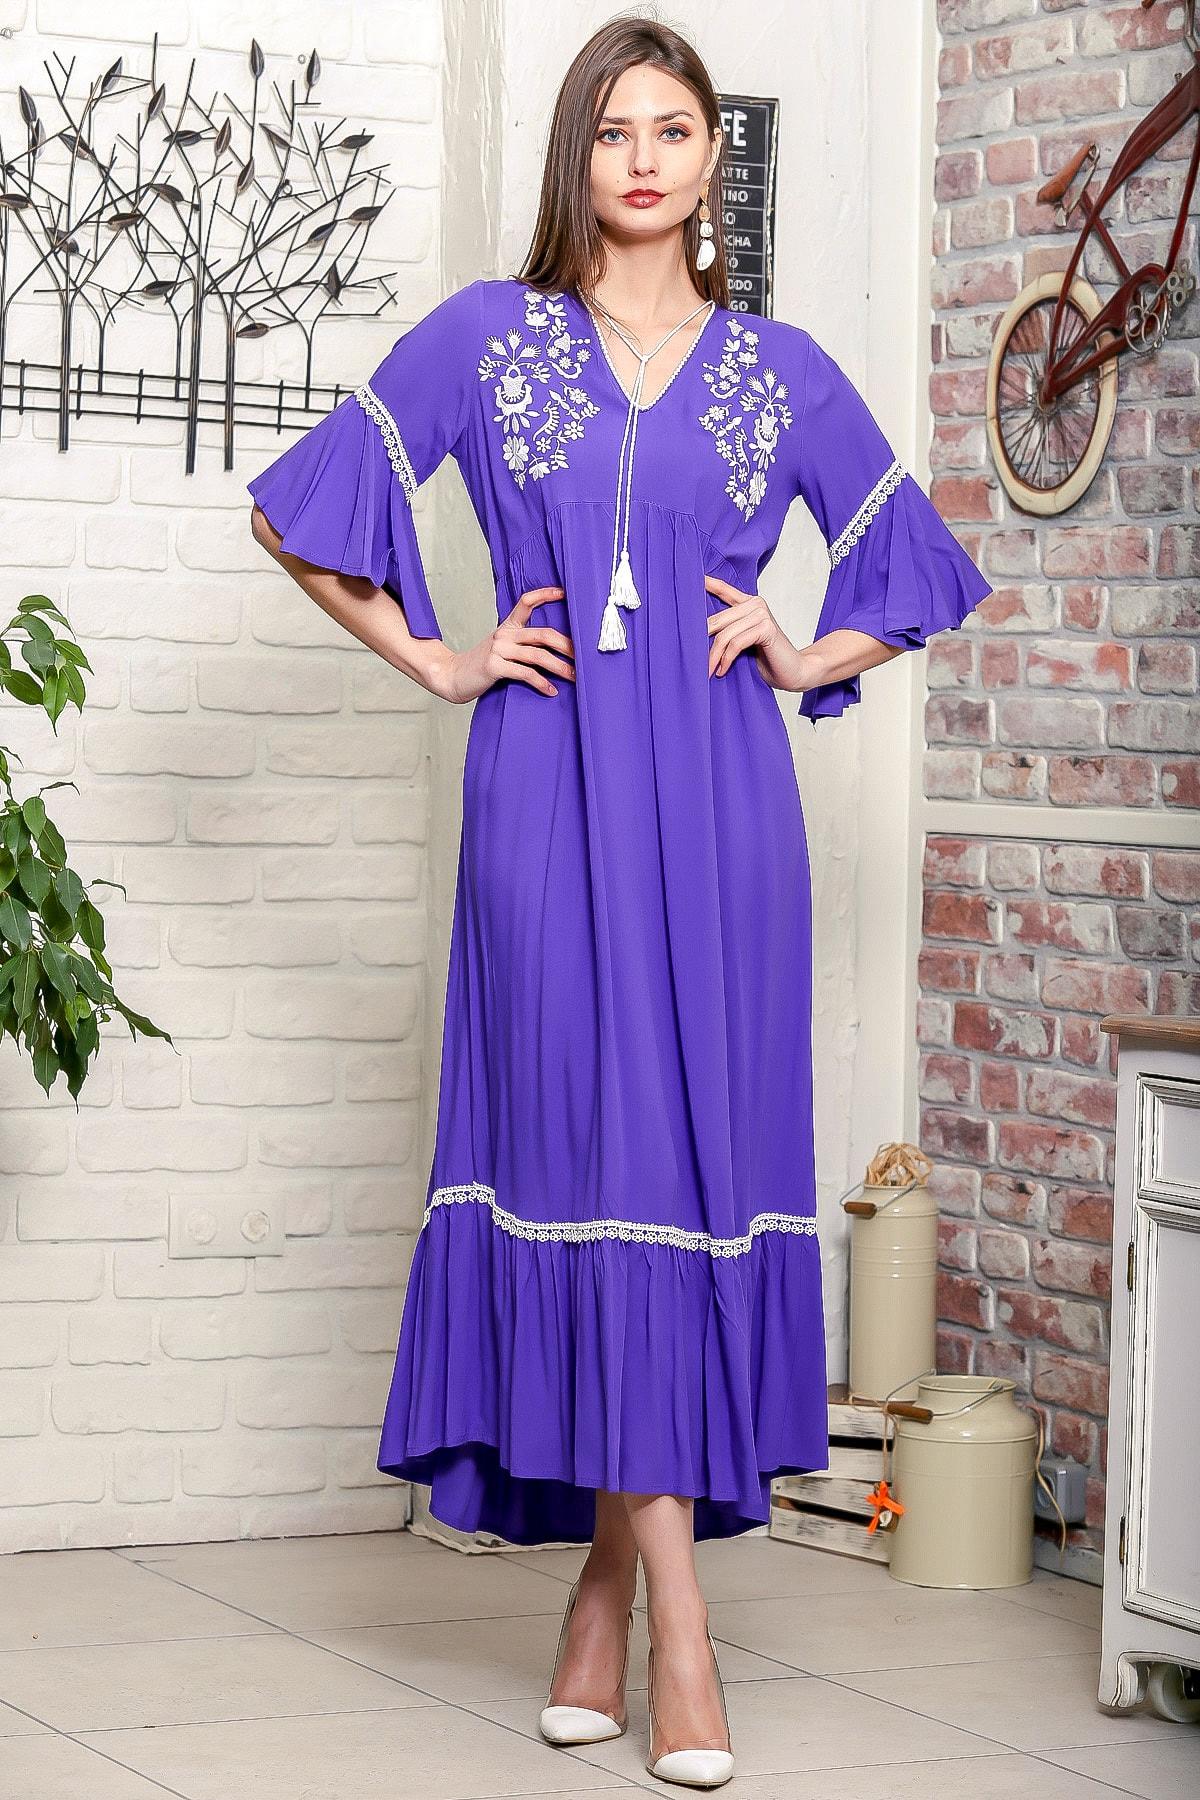 Chiccy Kadın Mor Çiçek Nakışlı V Yaka Kol Ve Etek Ucu Dantelli Dokuma Salaş Elbise M10160000EL95902